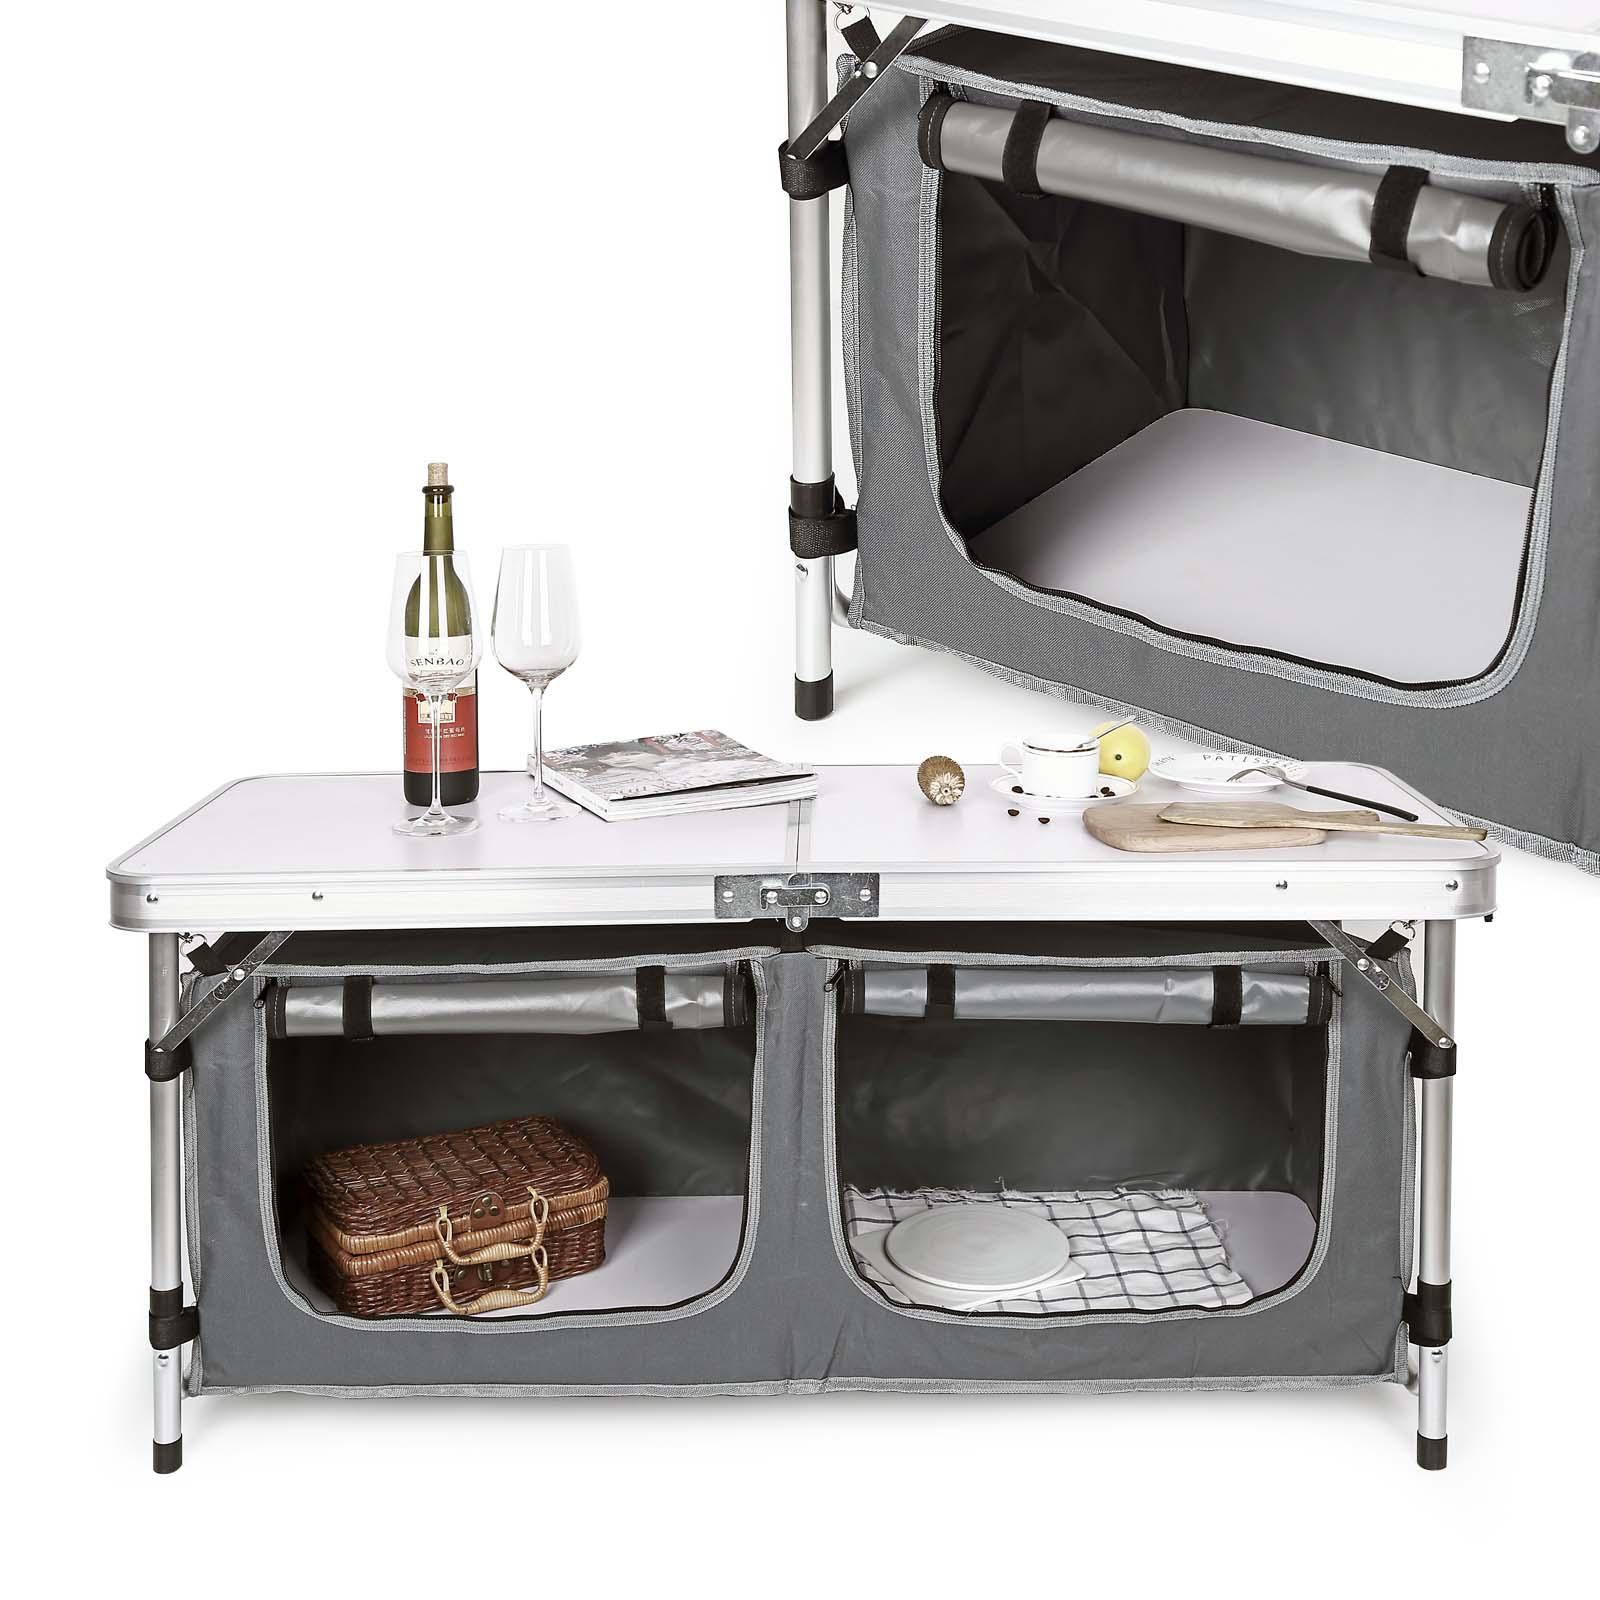 TTMobile Mobiletto cucina da campeggio pieghevole | eBay